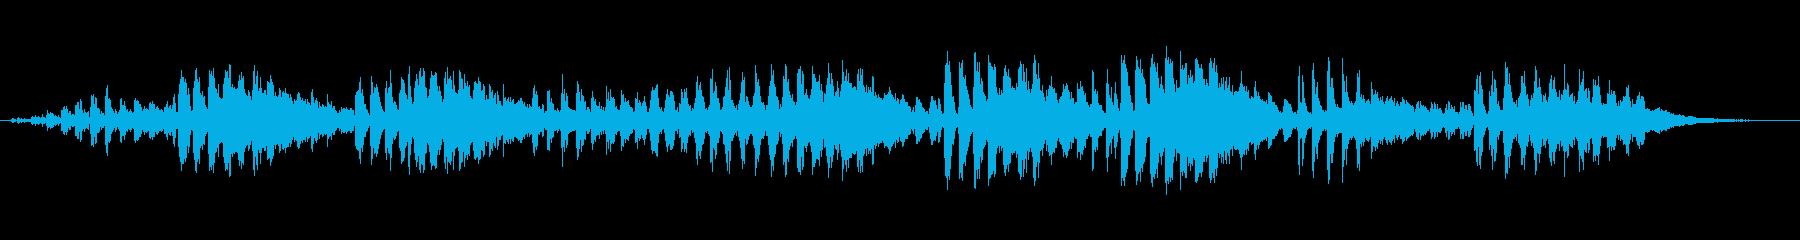 ドレッドオルタネーター、マシン、シ...の再生済みの波形